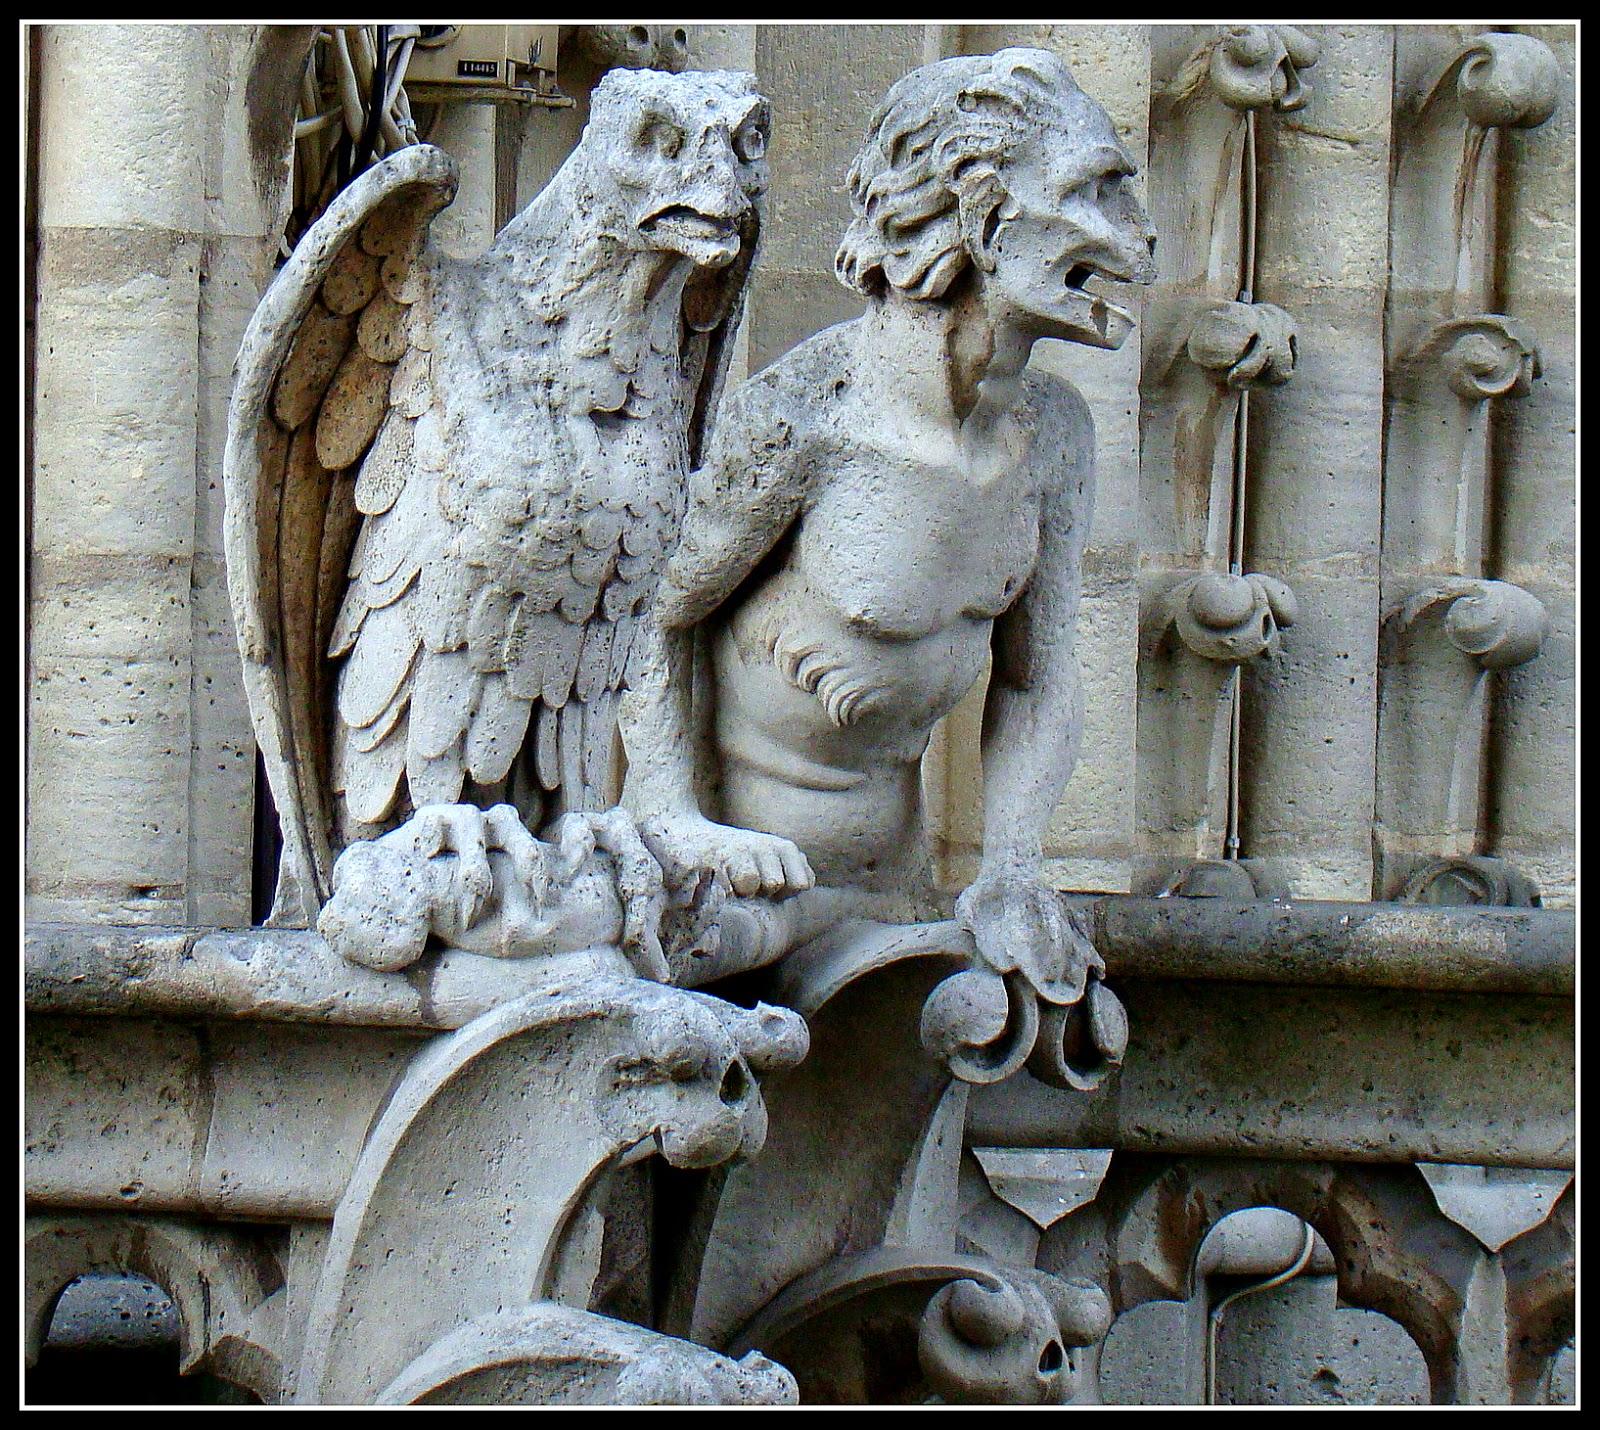 Me pregunto ¿dónde estaría puesta la imaginación de los arquitectos y  escultores de entonces para hacer estas figuras?